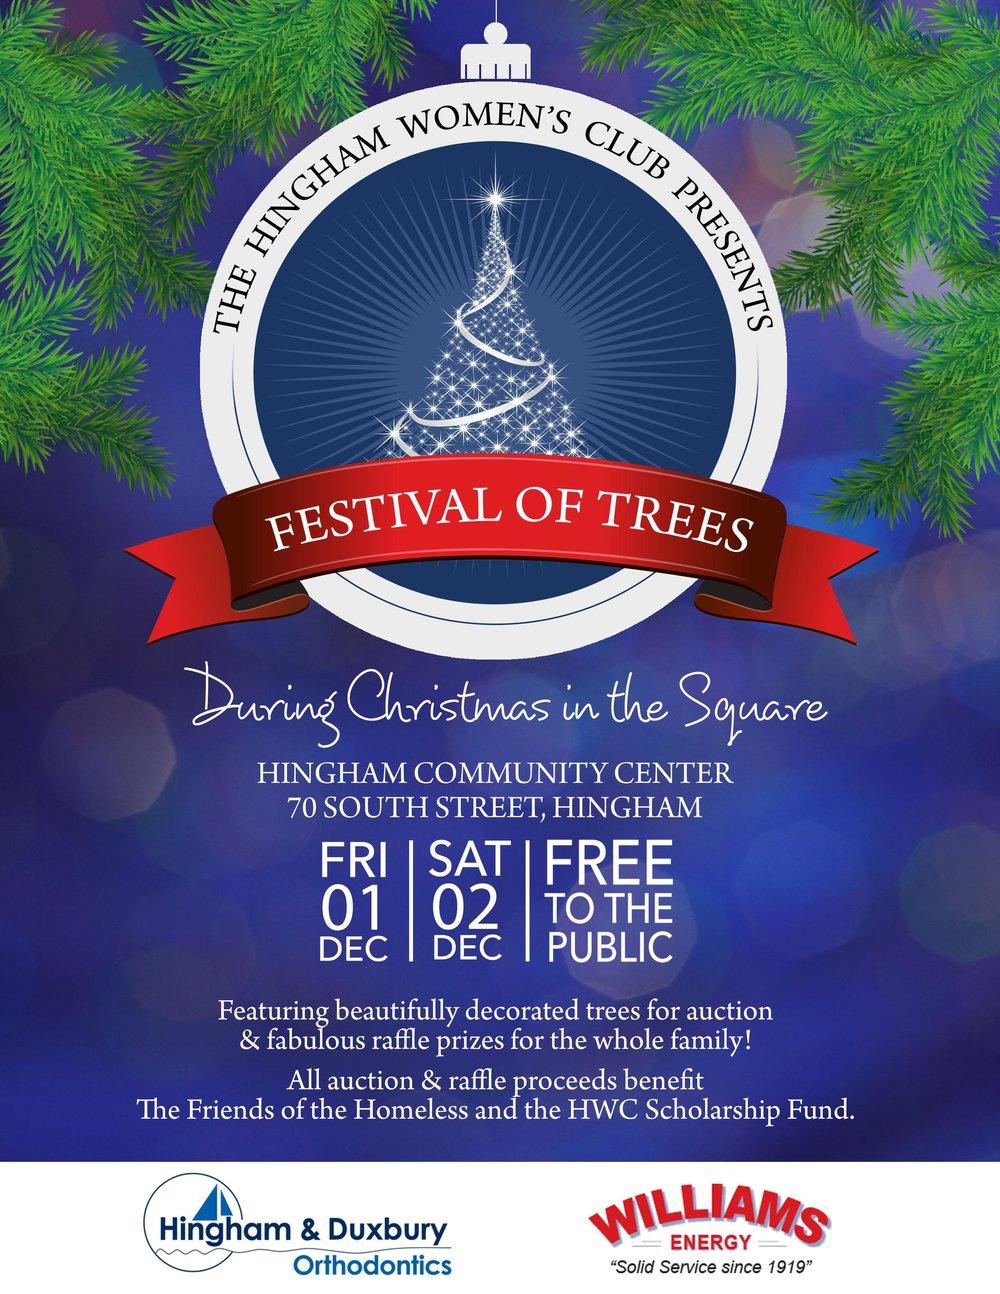 festival of trees.jpg